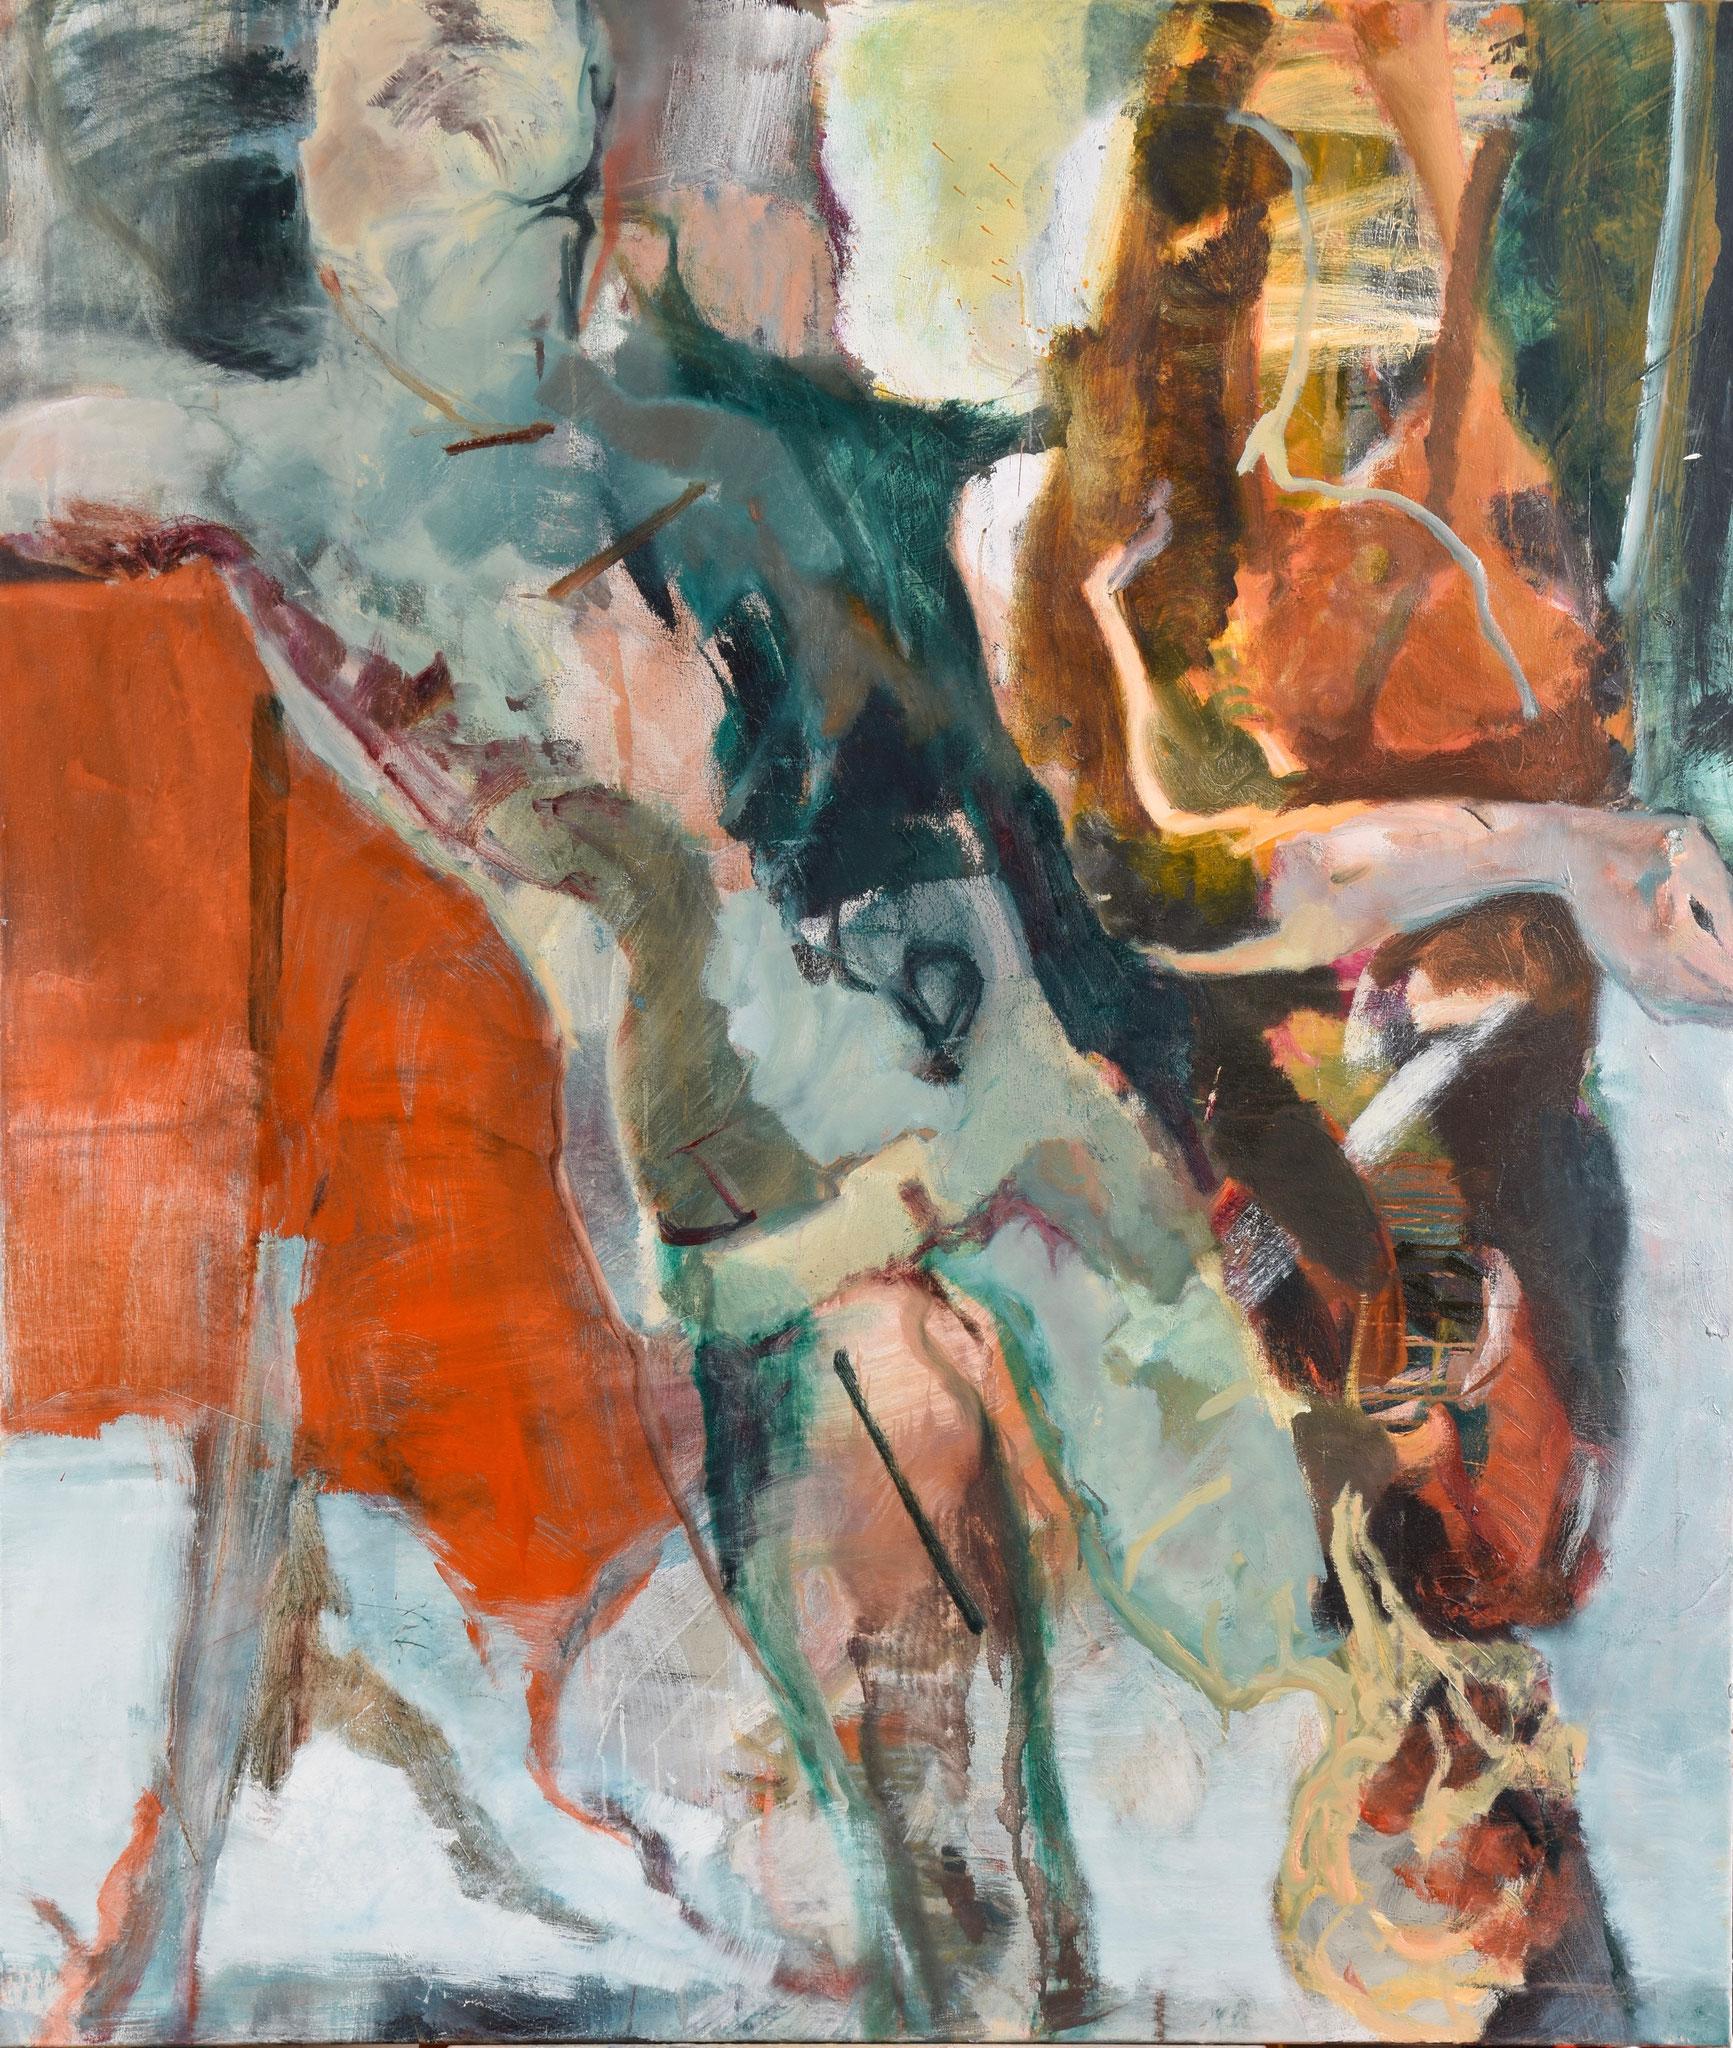 63  |  Ohne Titel  |  2018  |  Öl auf Leinwand  |  140 x 120 cm